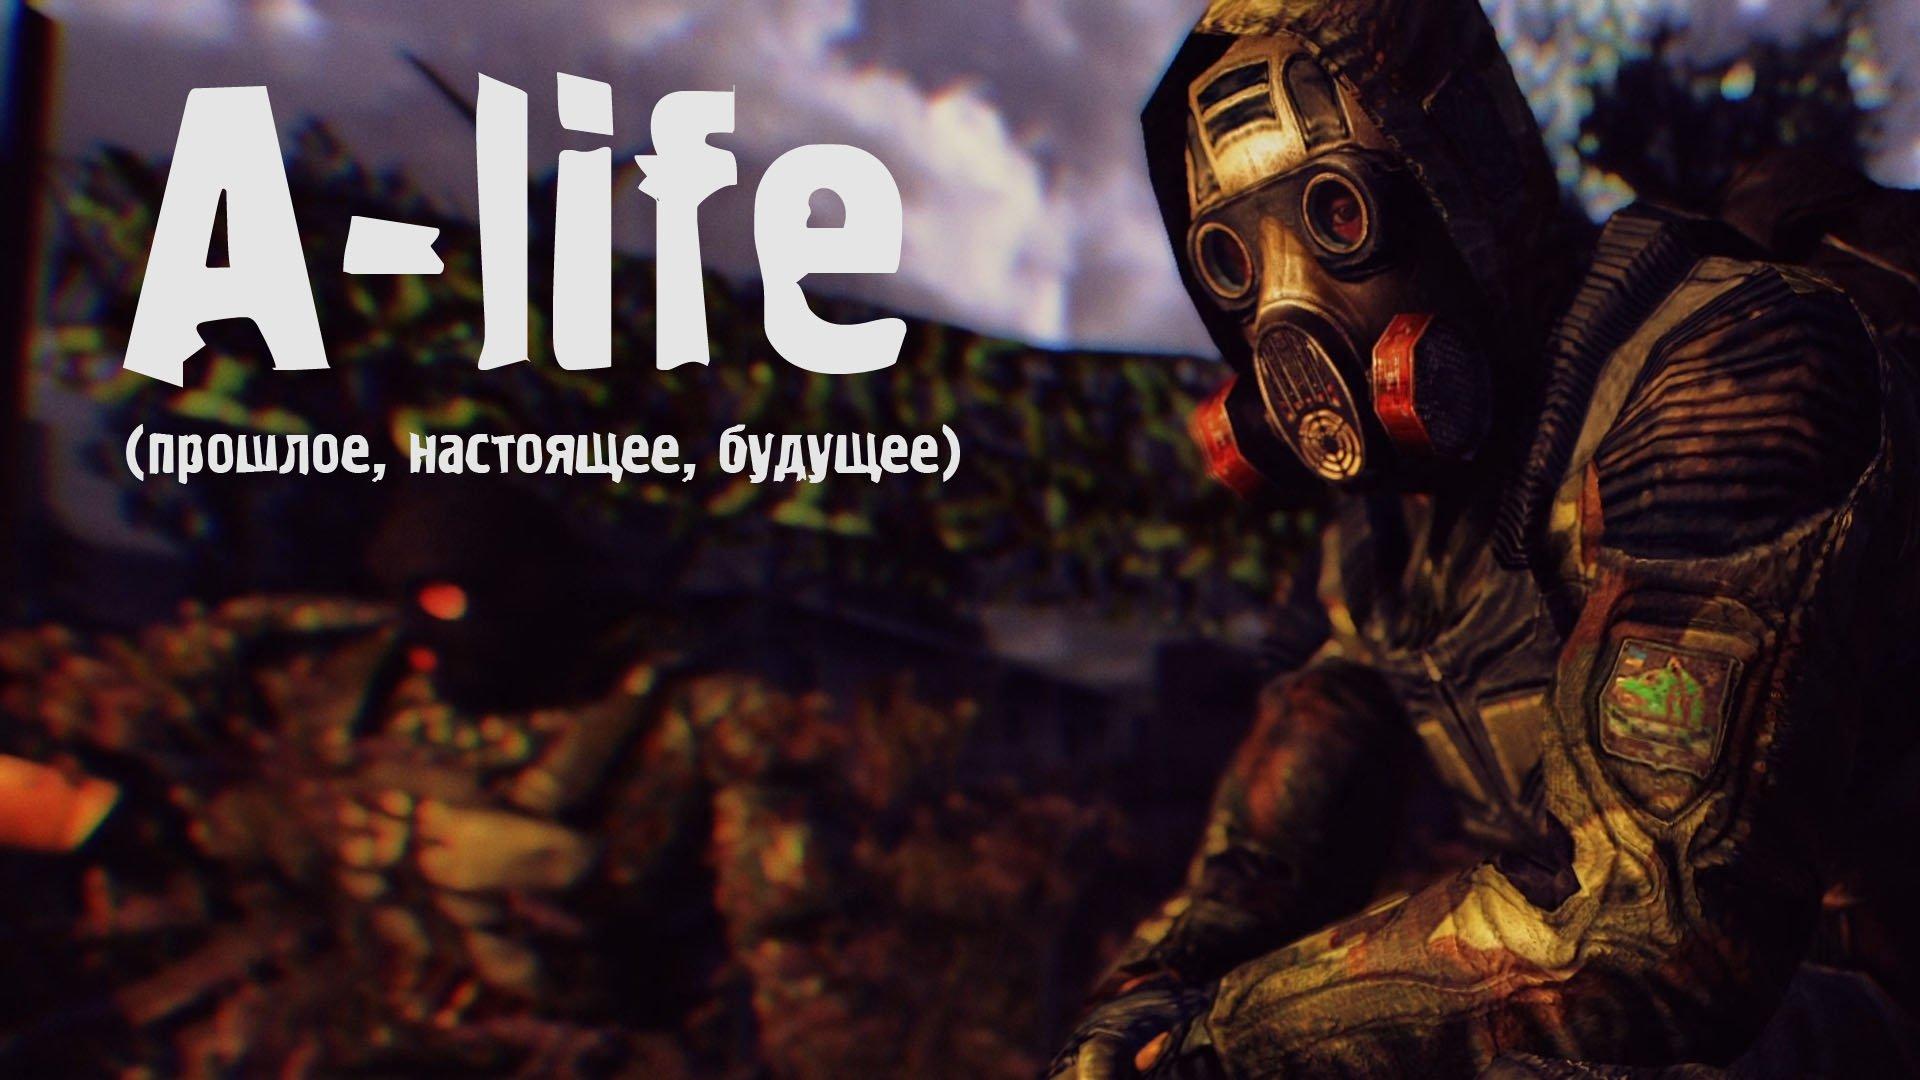 S.T.A.L.K.E.R. 1 & 2 A-life (прошлое, настоящее, будущее)